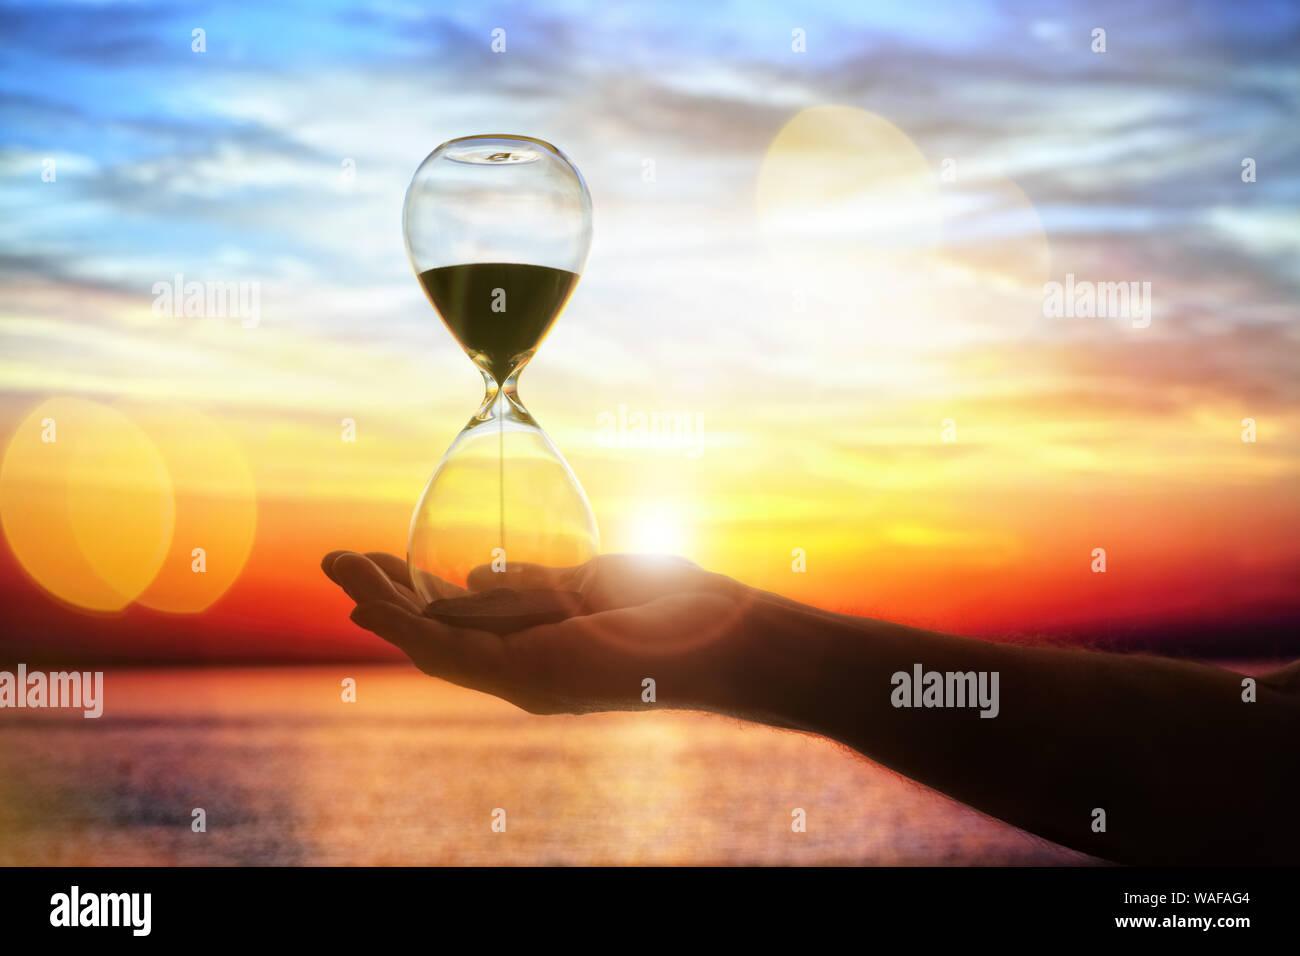 Tiempo de reloj de arena al atardecer fondo con espacio de copia Foto de stock